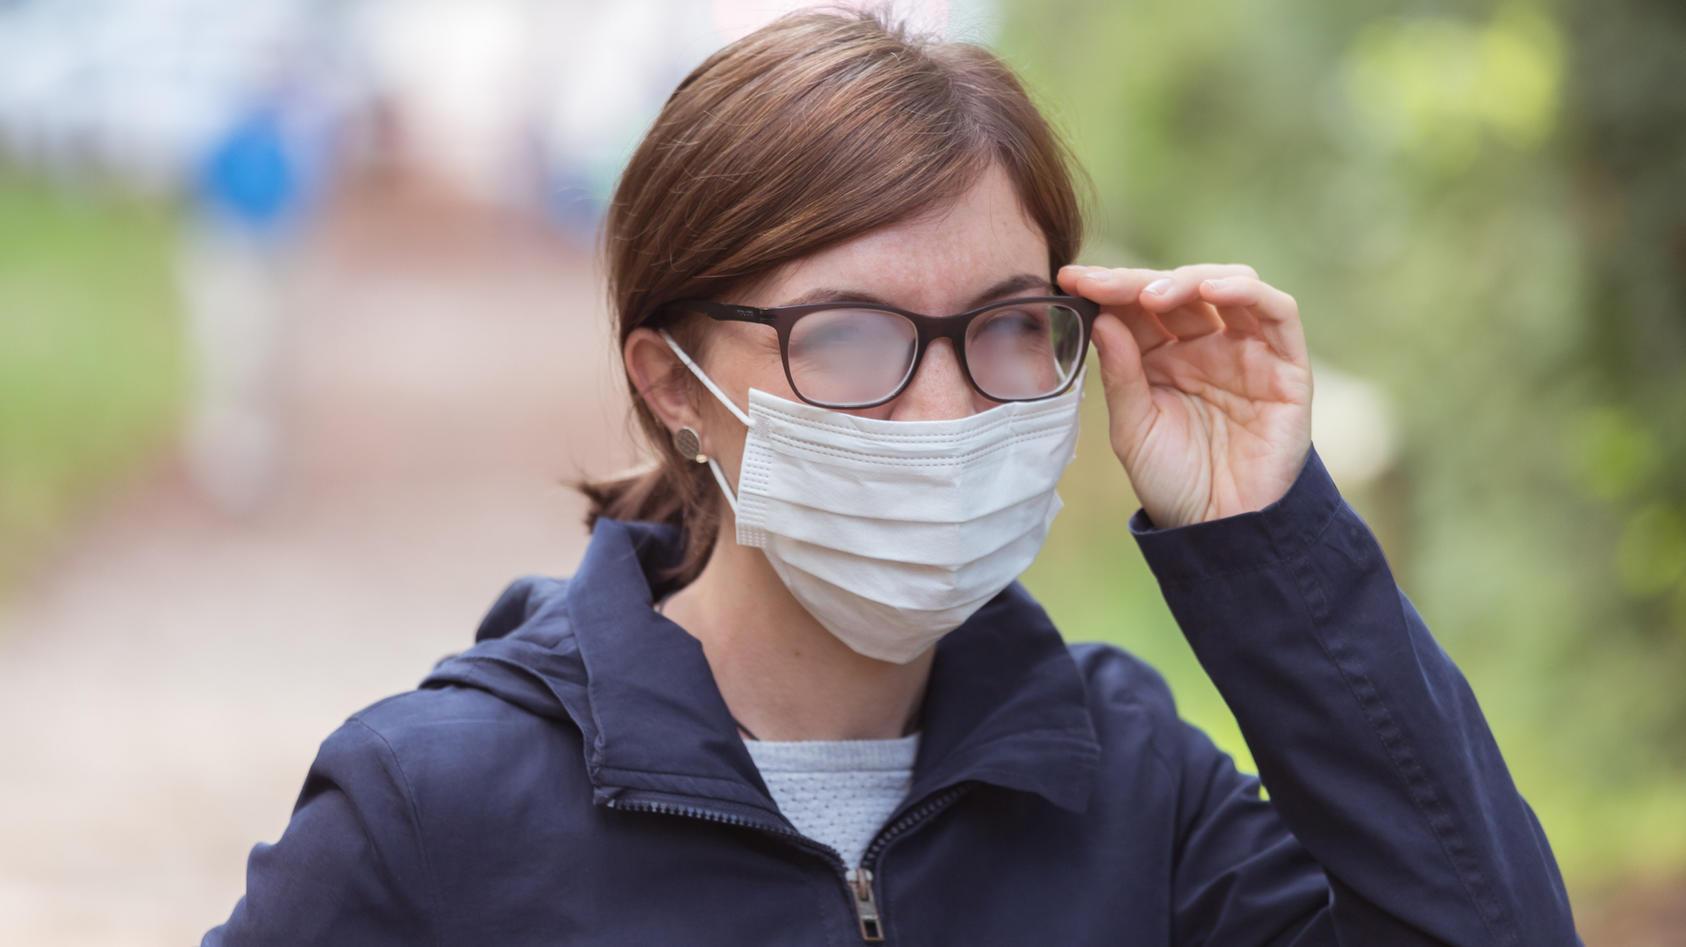 Im Winter beschlägt die Brille beim Maskentragen besonders schnell.